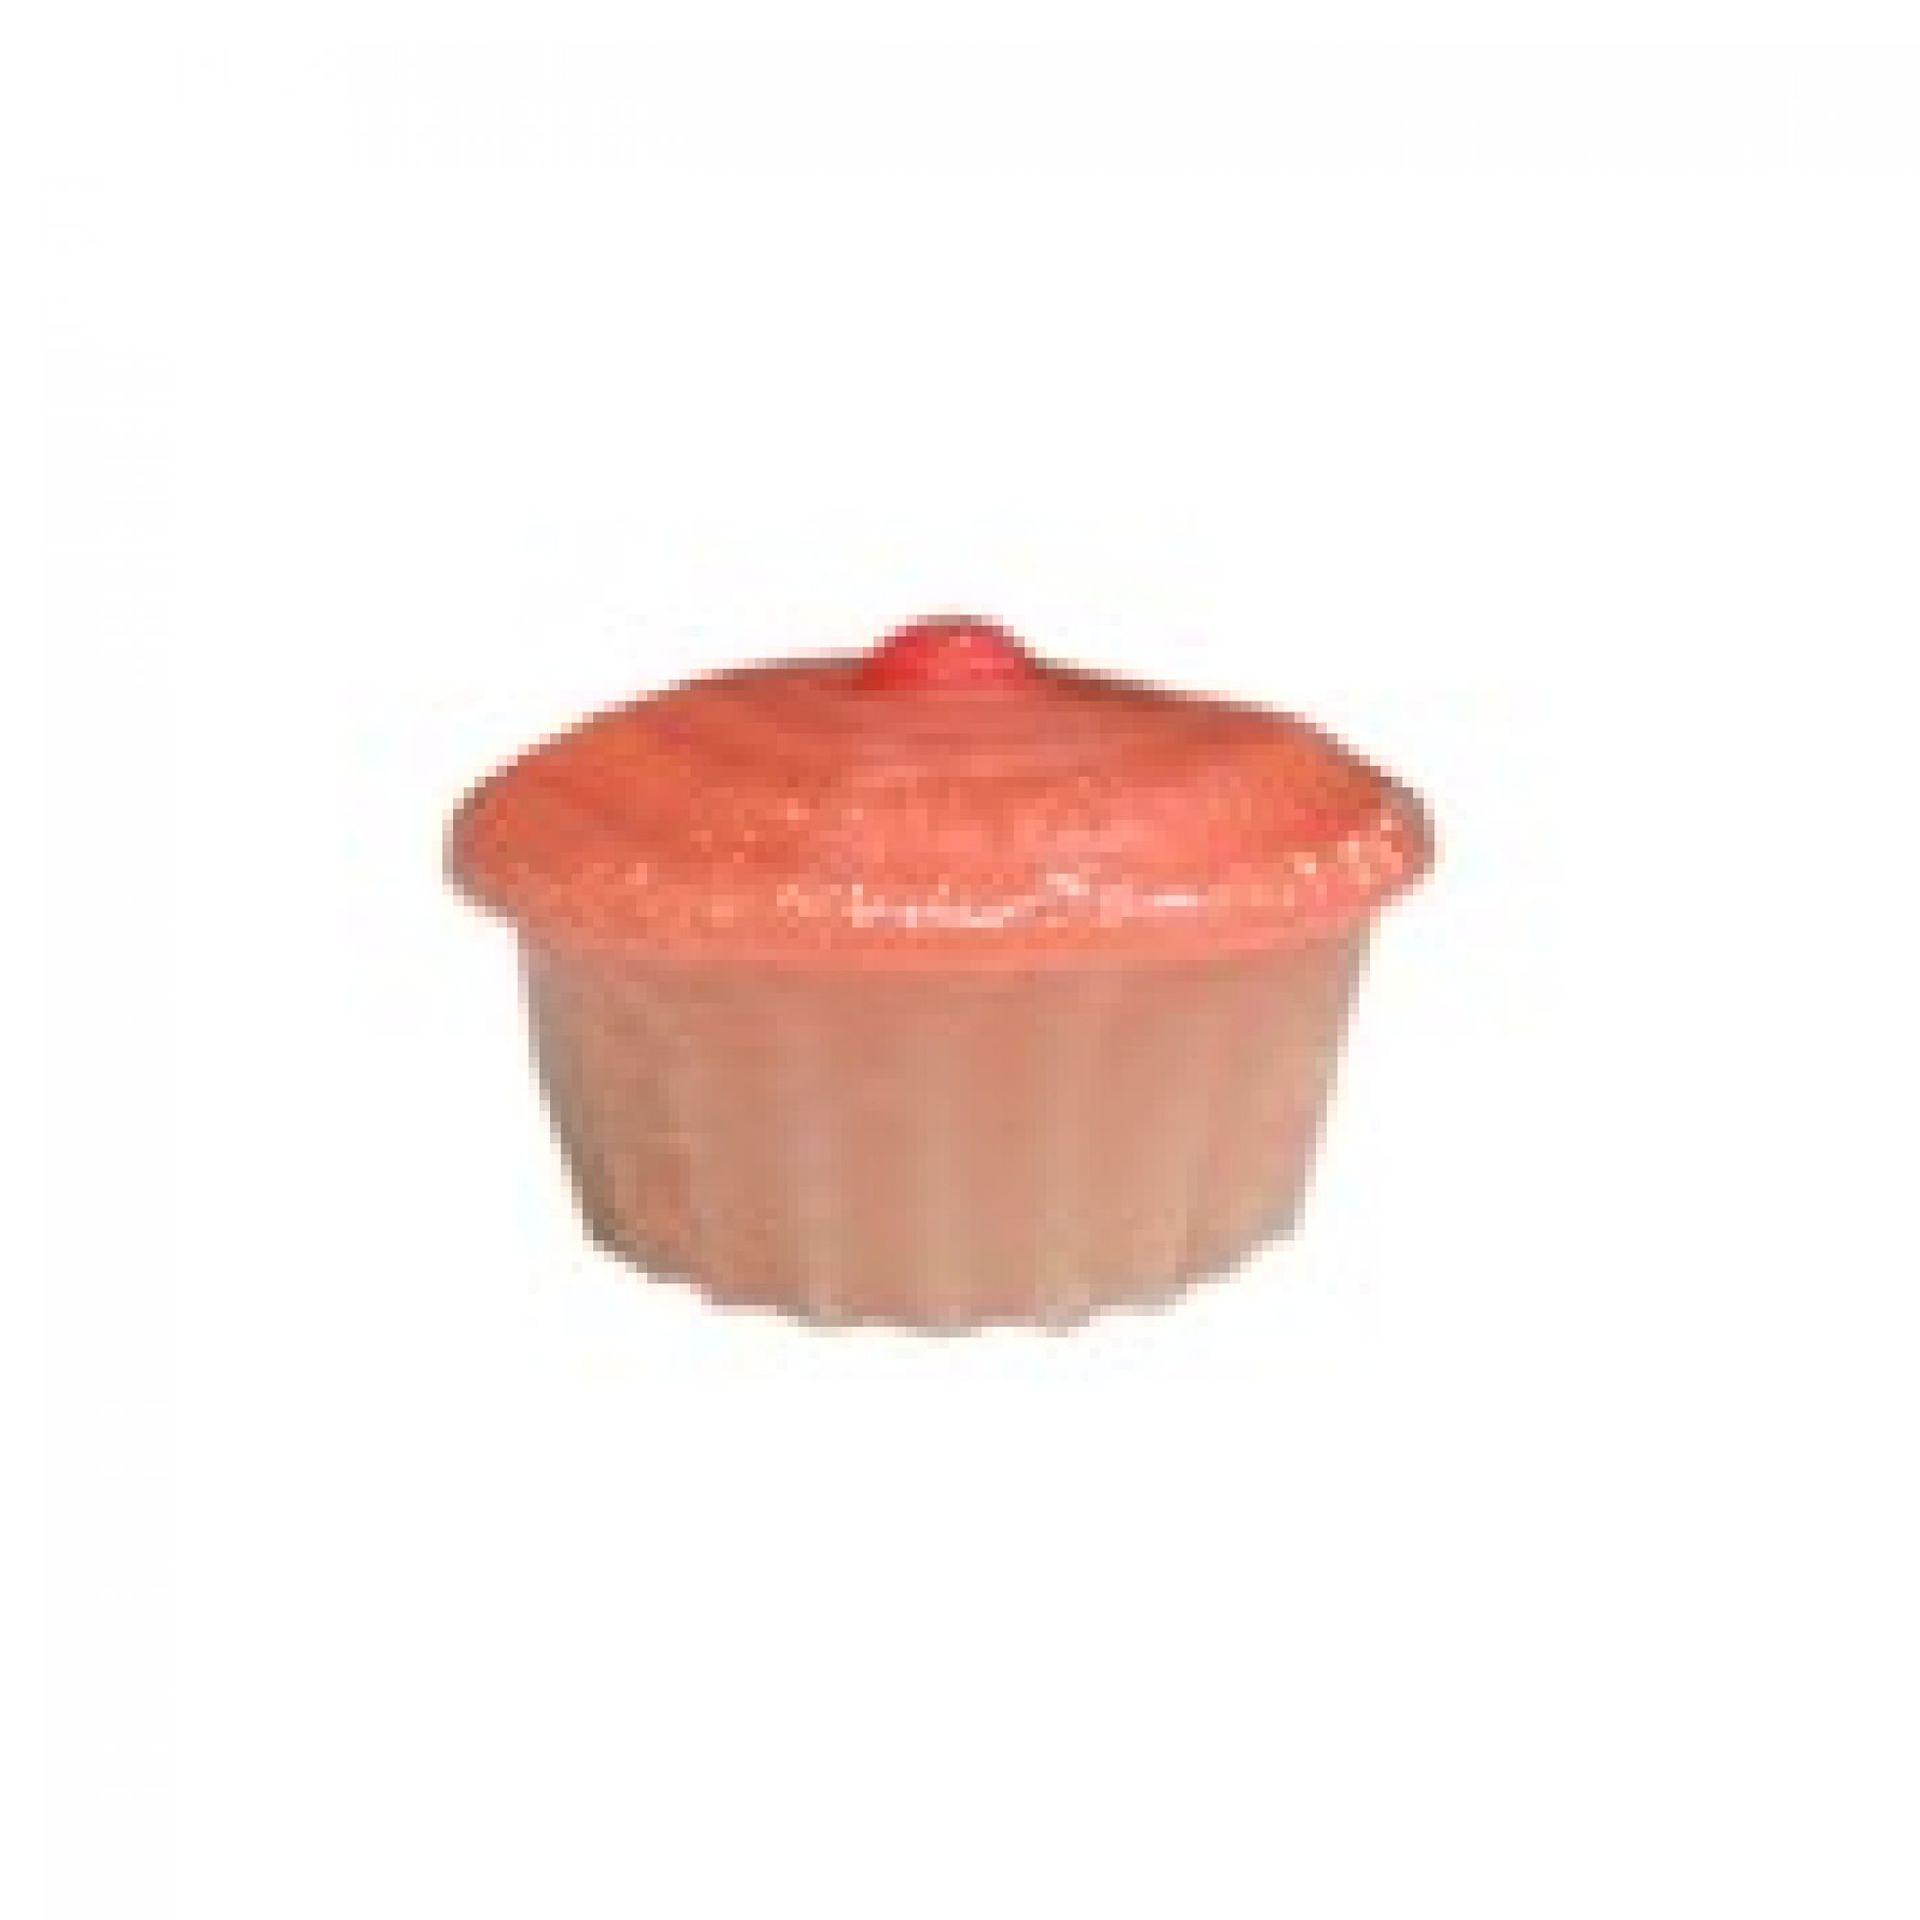 wosk oneballjay cupcake